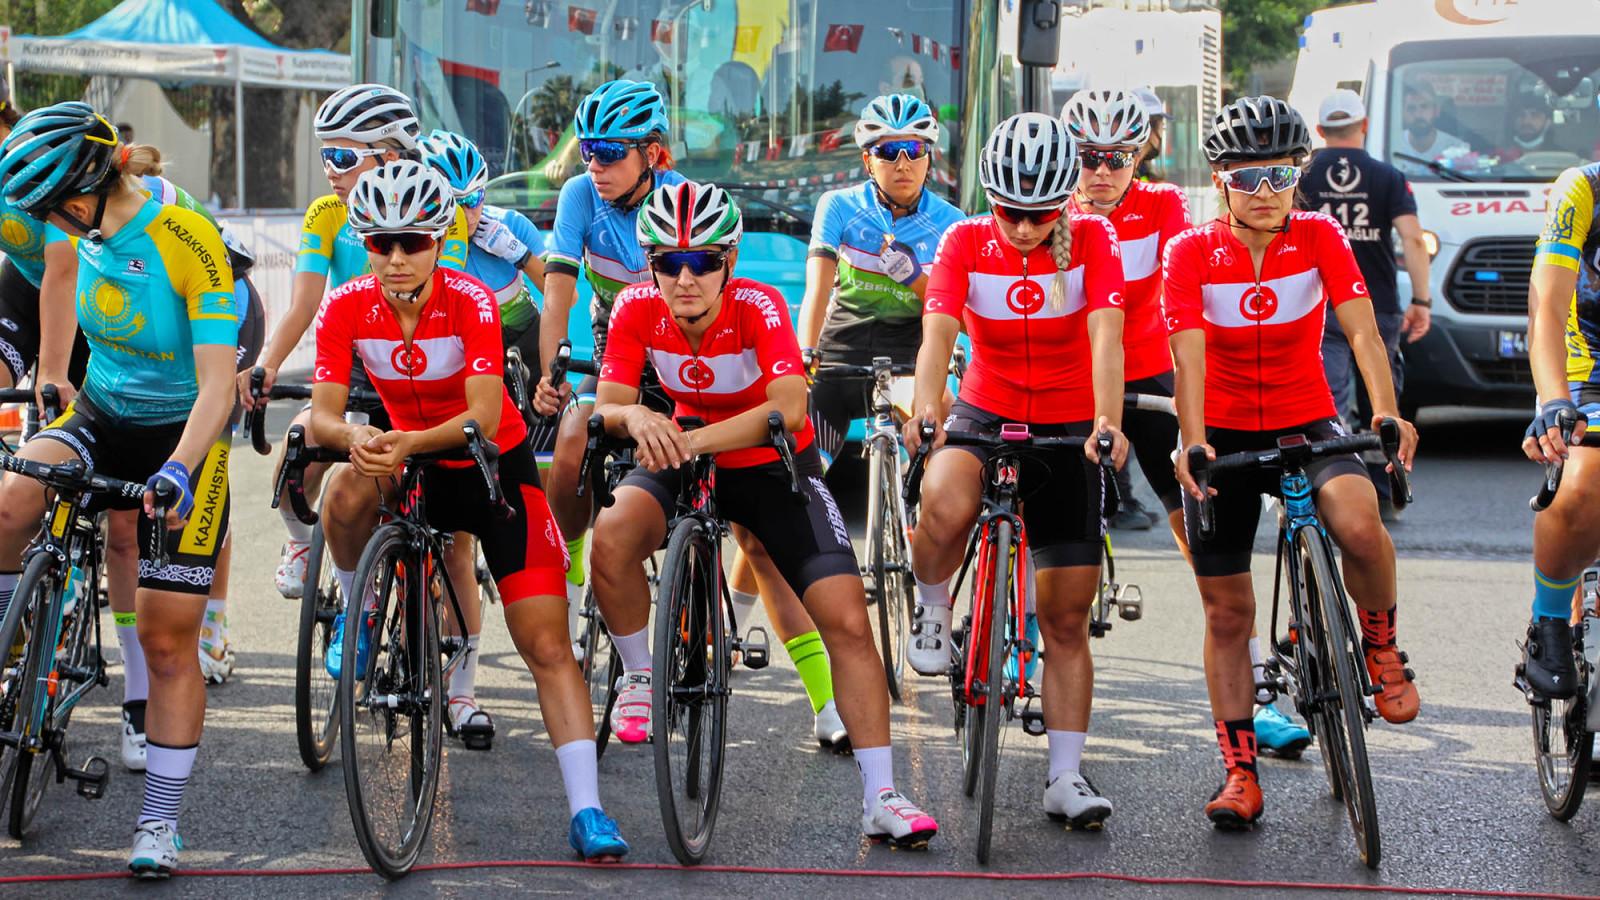 uluslararasi bisiklet yarismasi 4 Uluslararası Bisiklet Yarışı'nda Kadın Sporcular Start Aldı